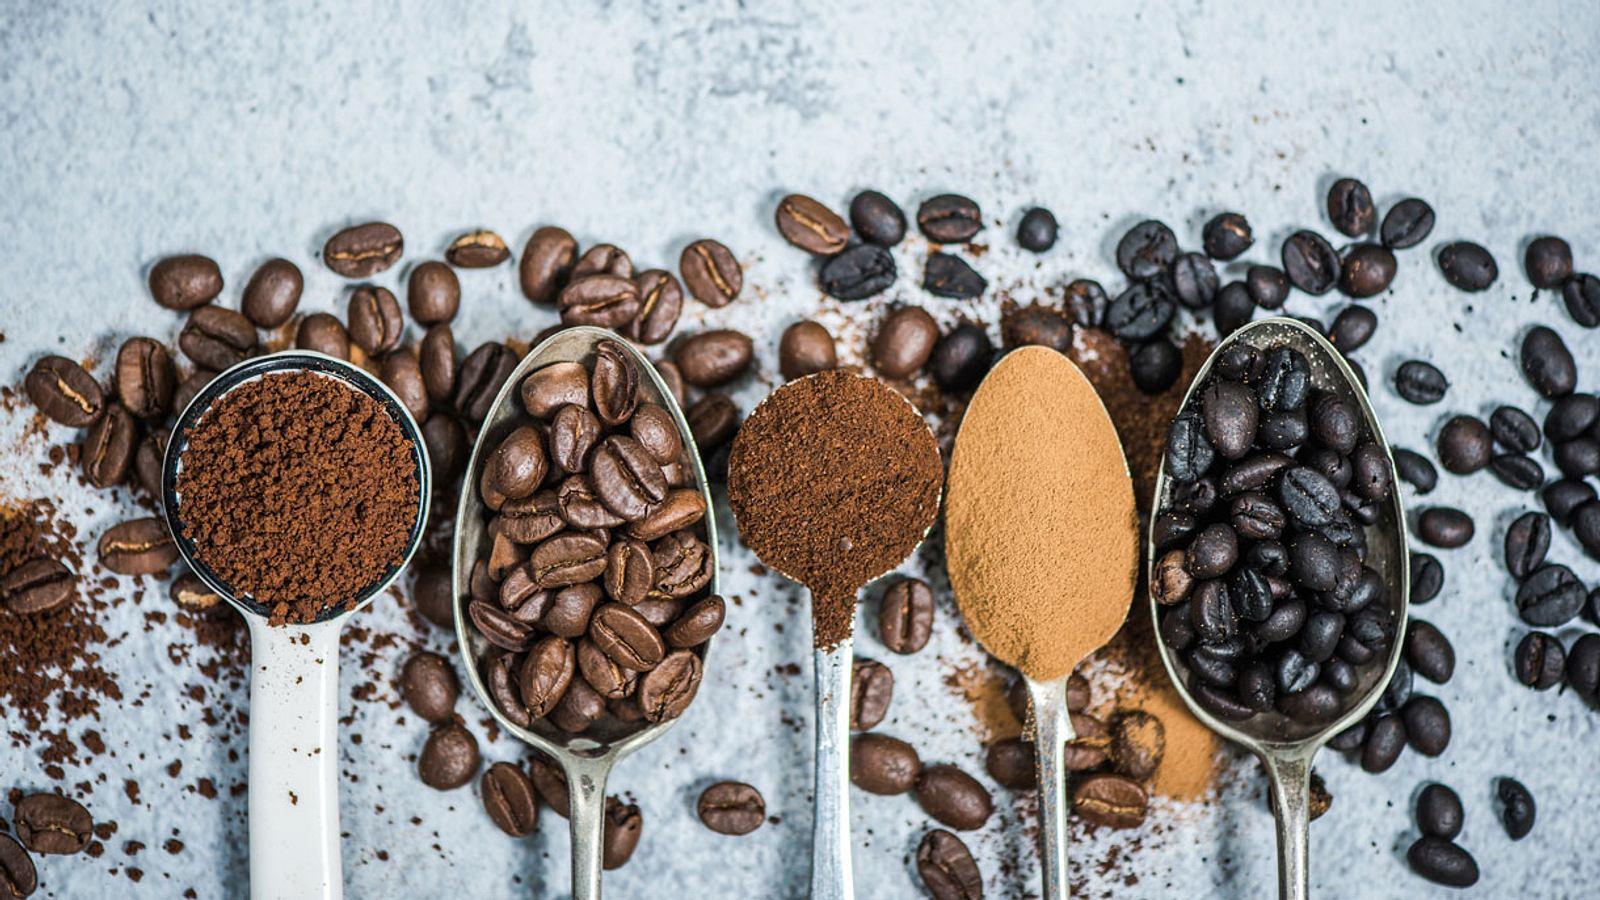 Teuerster Kaffee der Welt: So viel kostet das Kilo Kopi Luwak